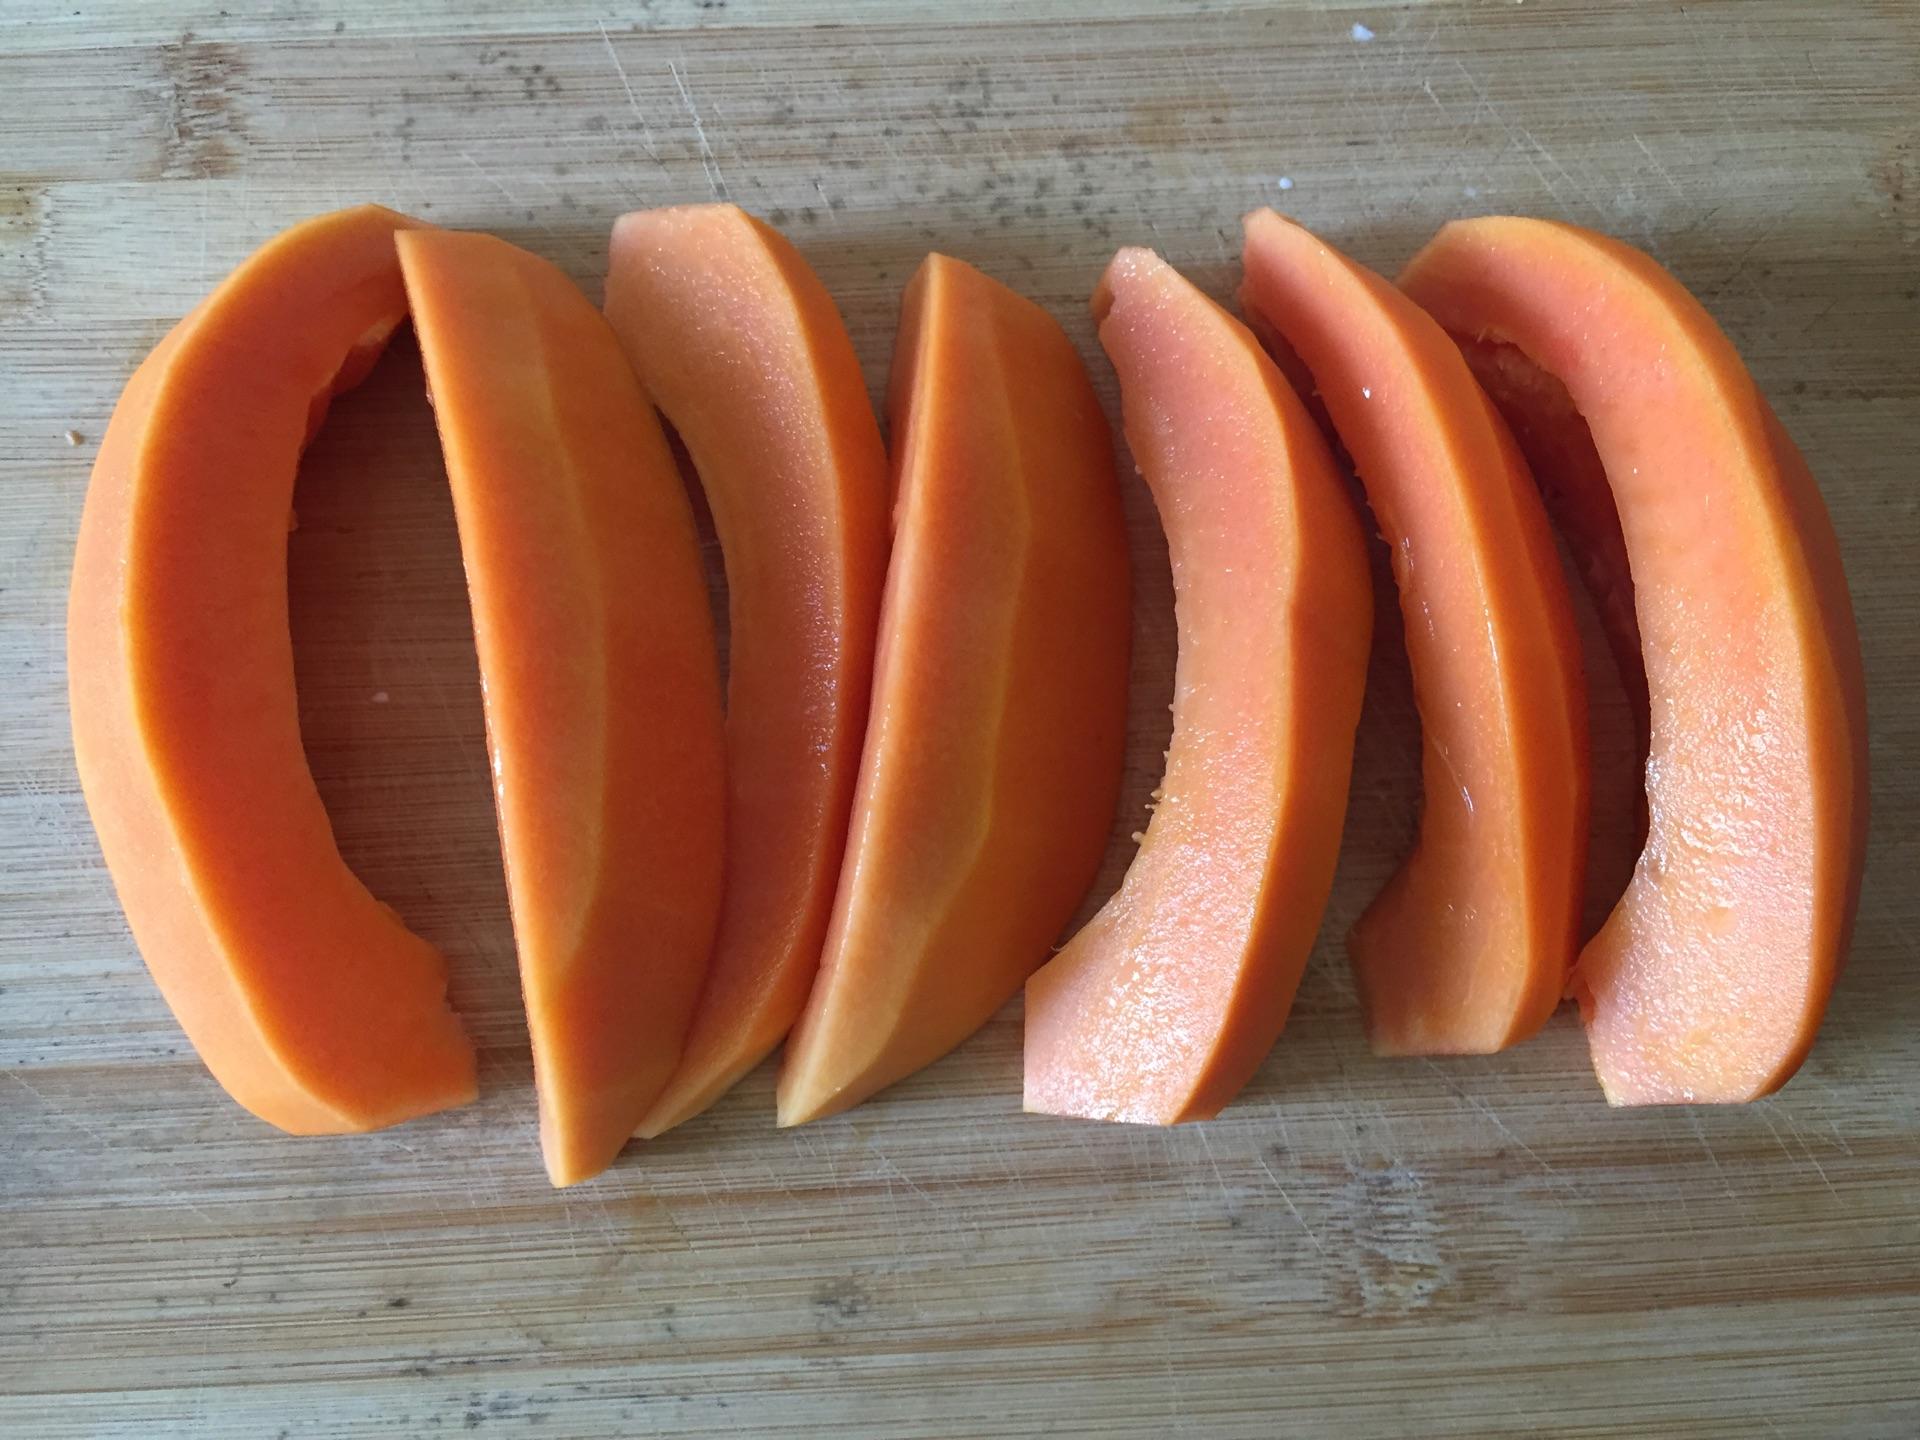 木瓜炖奶的做法图解1